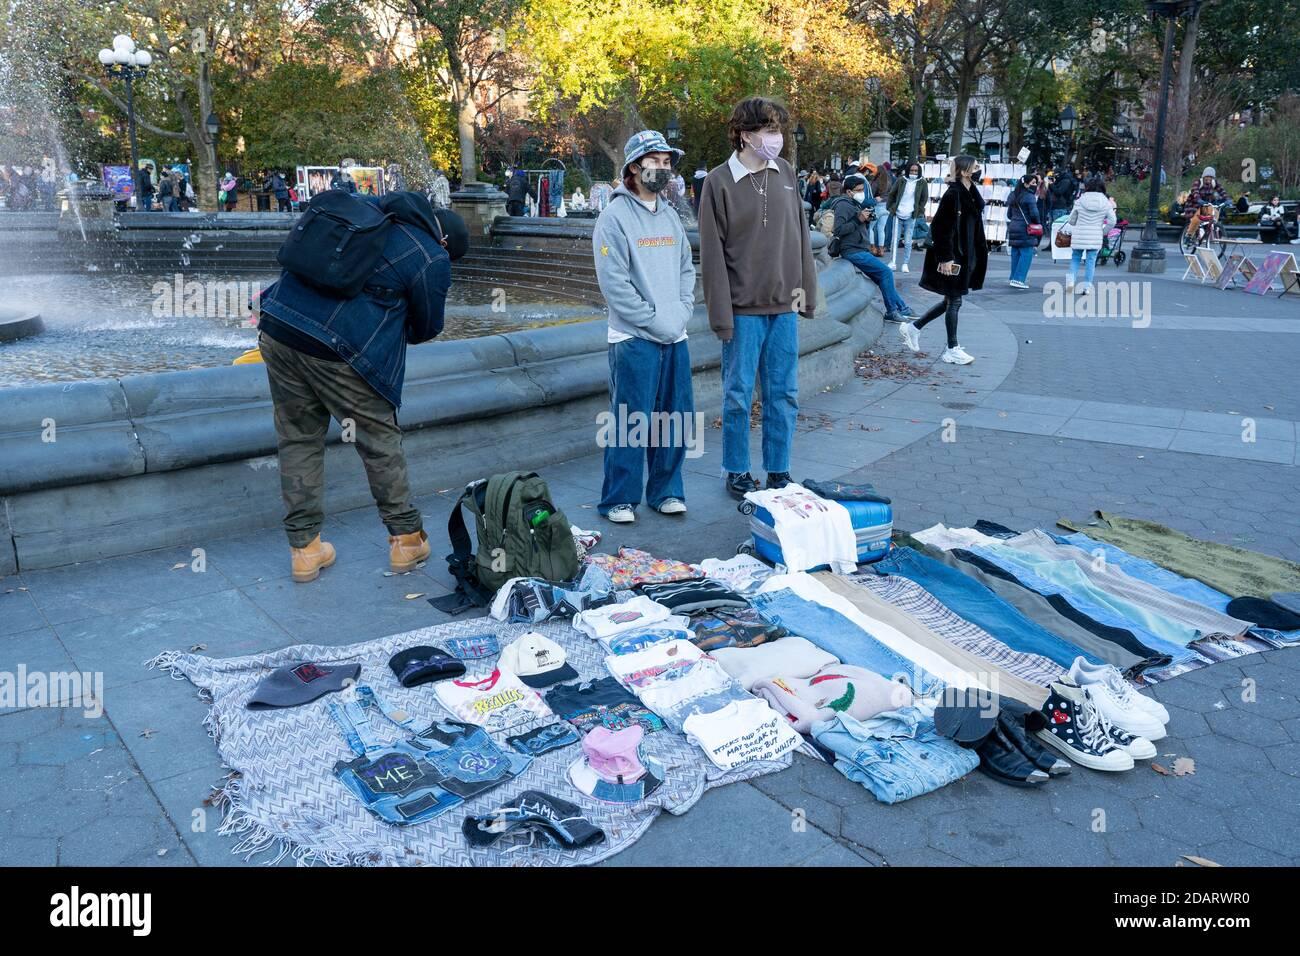 New York, États-Unis. 14 novembre 2020. Les personnes portant un masque facial vendent des vêtements au parc Washington Square au milieu d'une pandémie de coronavirus (Covid-19) à New York. Crédit : SOPA Images Limited/Alamy Live News Banque D'Images